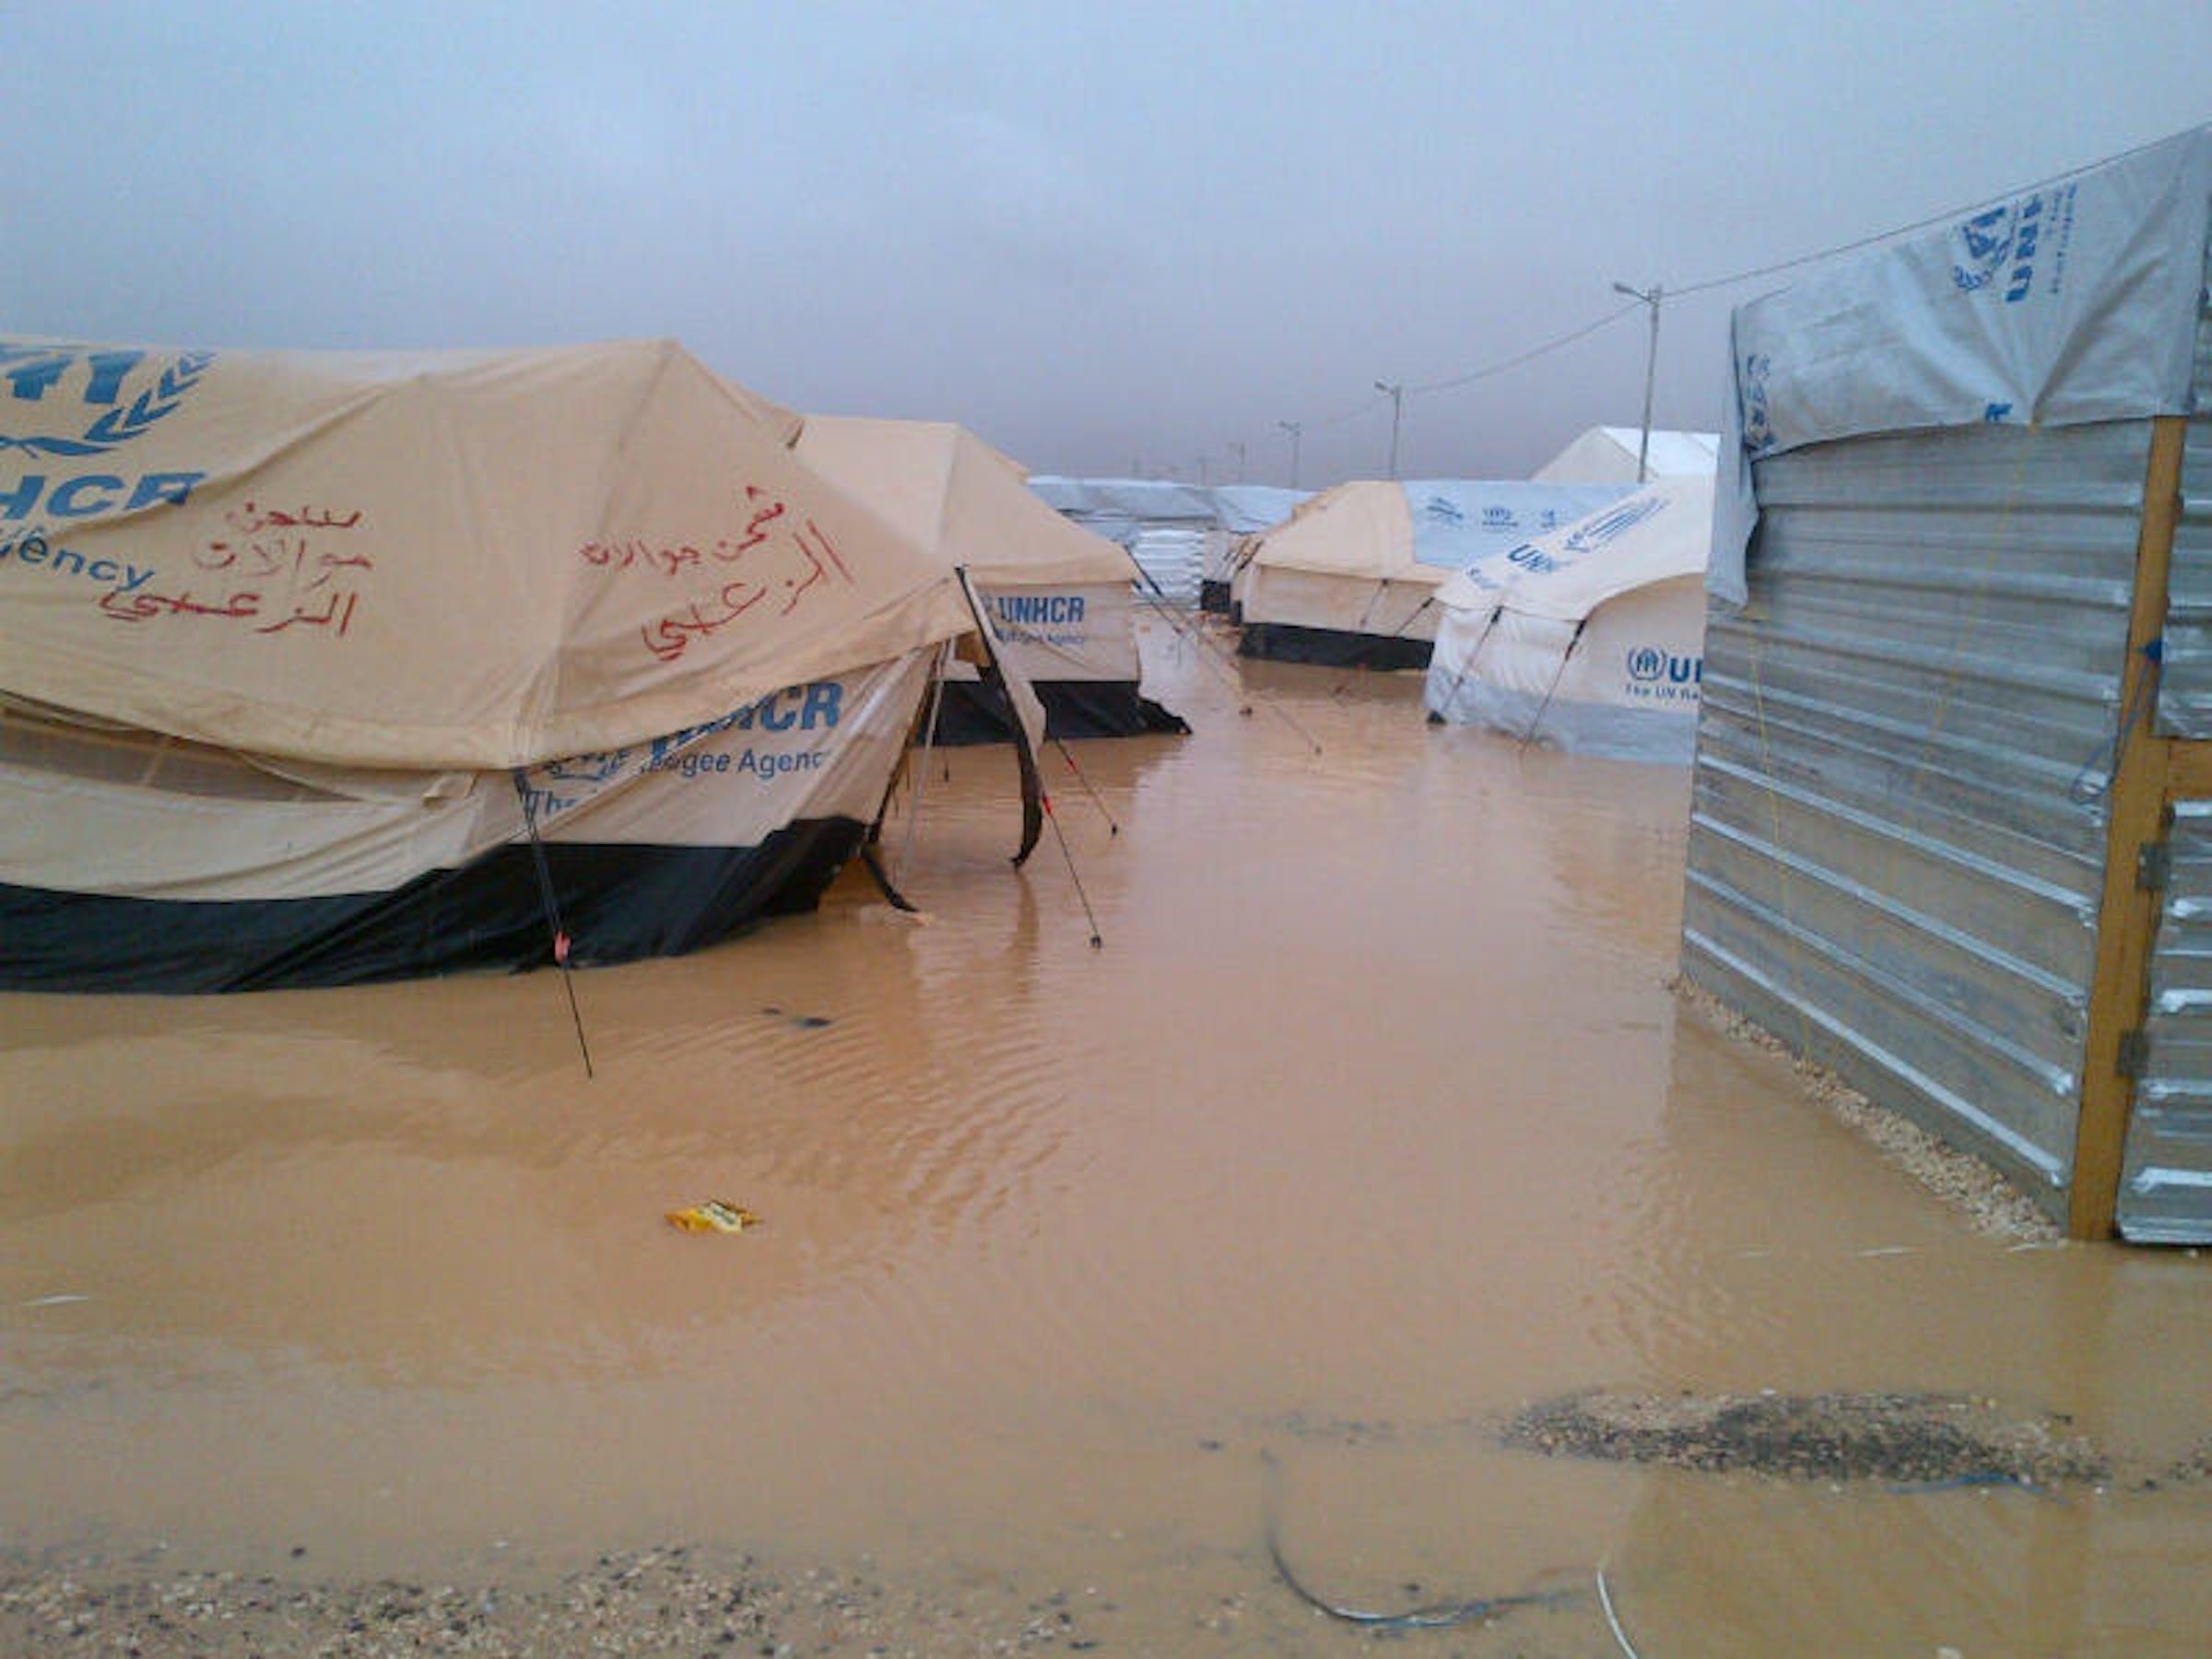 Il campo di Zaatari, nel nord della Giordania, allagato dalle piogge torrenziali dei giorni scorsi - ©UNICEF Giordania/2013